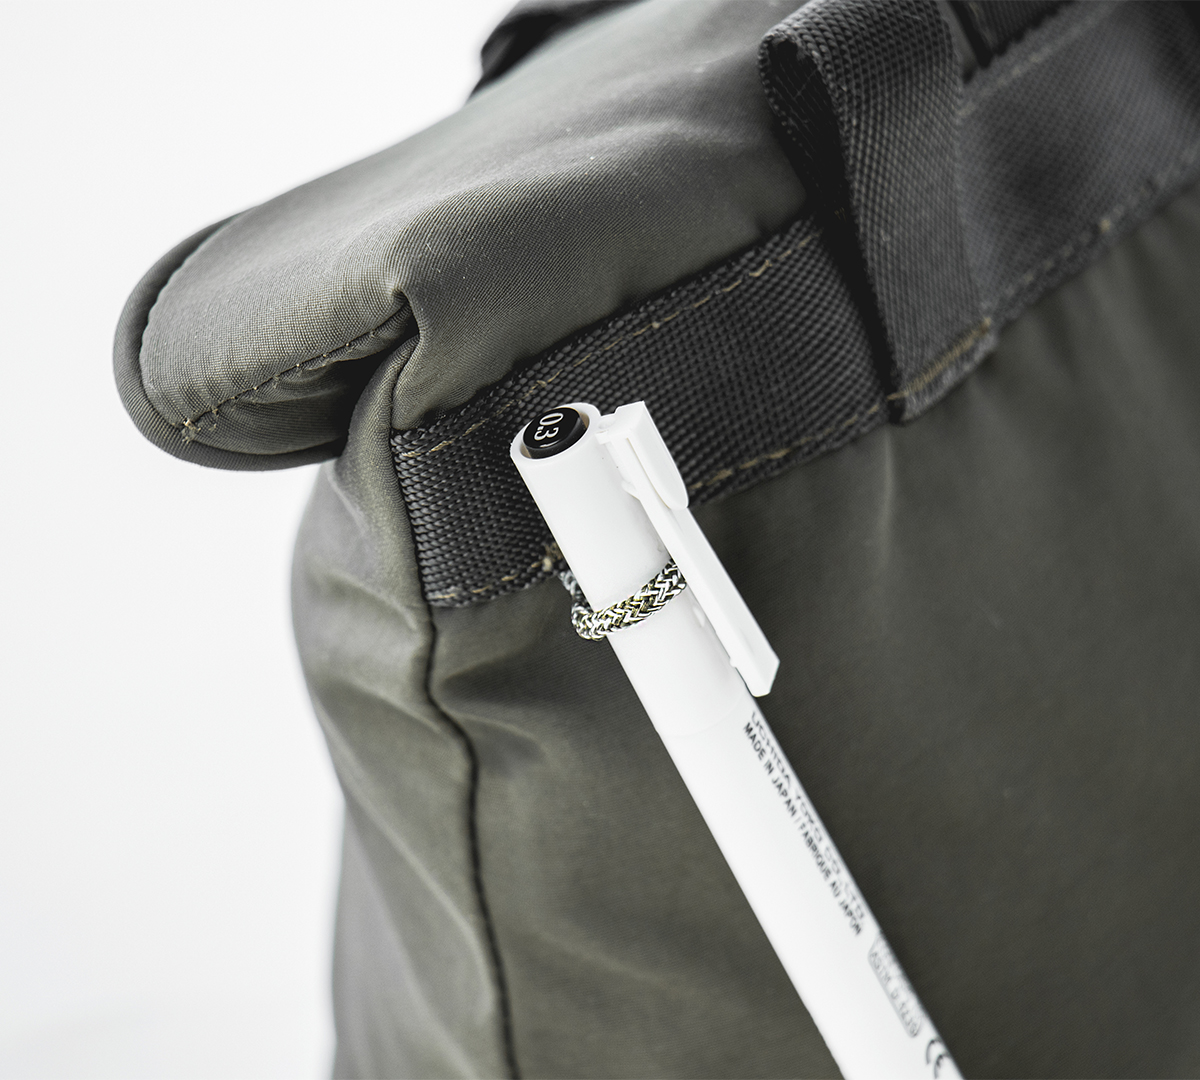 バッグ背面には、ペンや鍵を吊り下げられるループが付いています。これは、岩に付いたチョークを落とす「ボルダーブラシ」を吊り下げるループの名残「4WAYウエストバッグ」(水濡れや汚れに強いドライコレクション)|Topologie